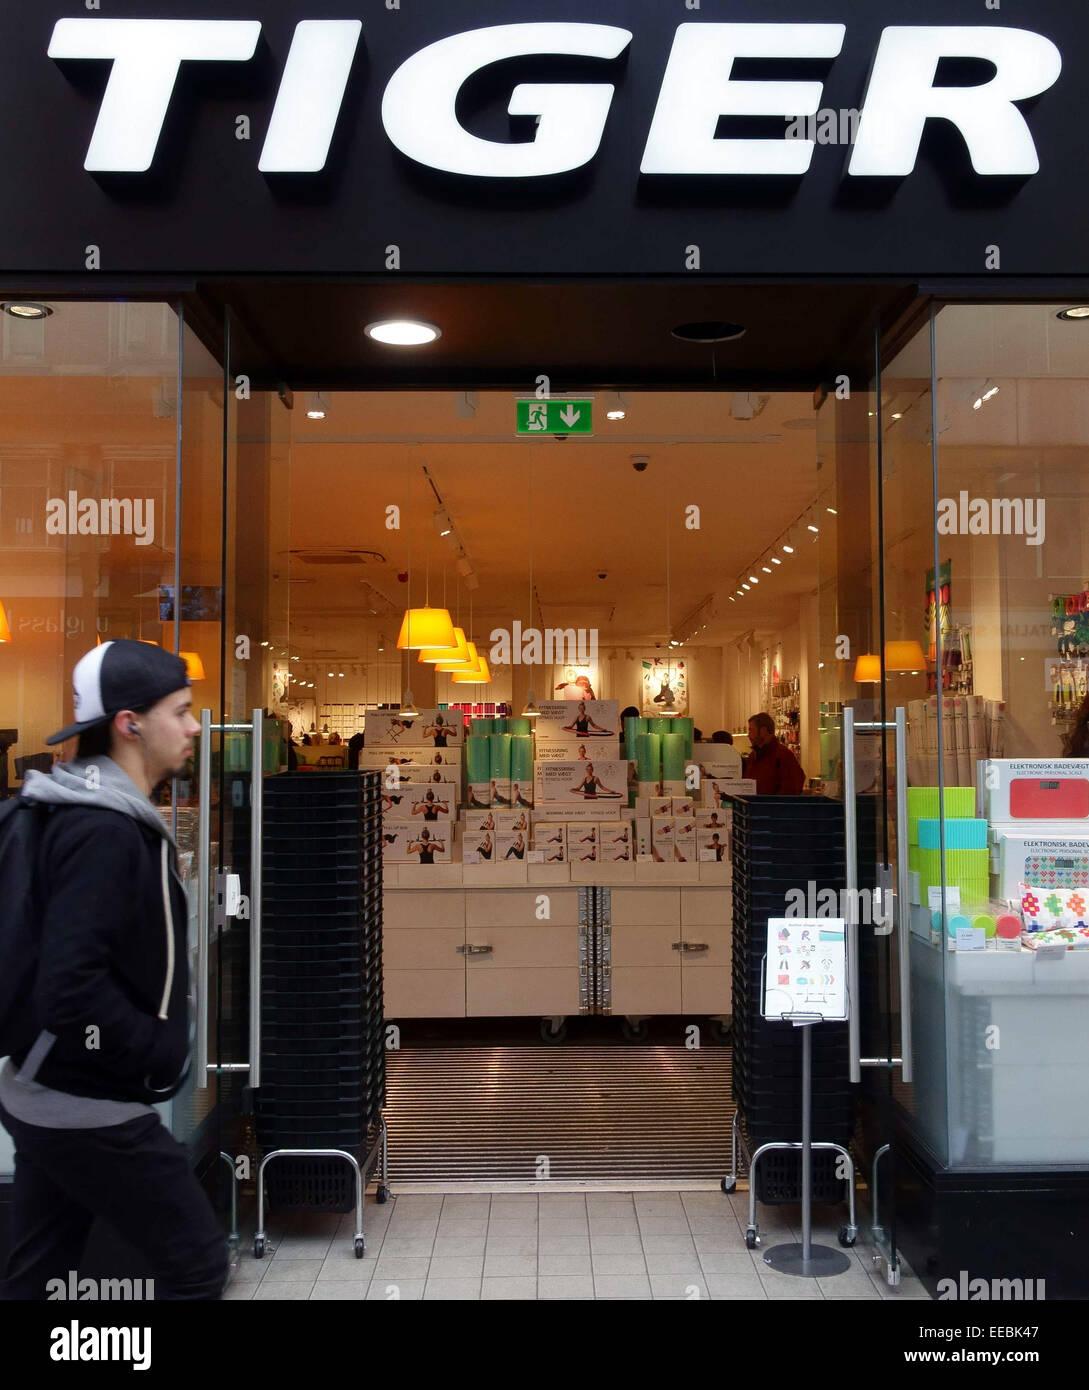 tiger shop stock photos tiger shop stock images alamy. Black Bedroom Furniture Sets. Home Design Ideas